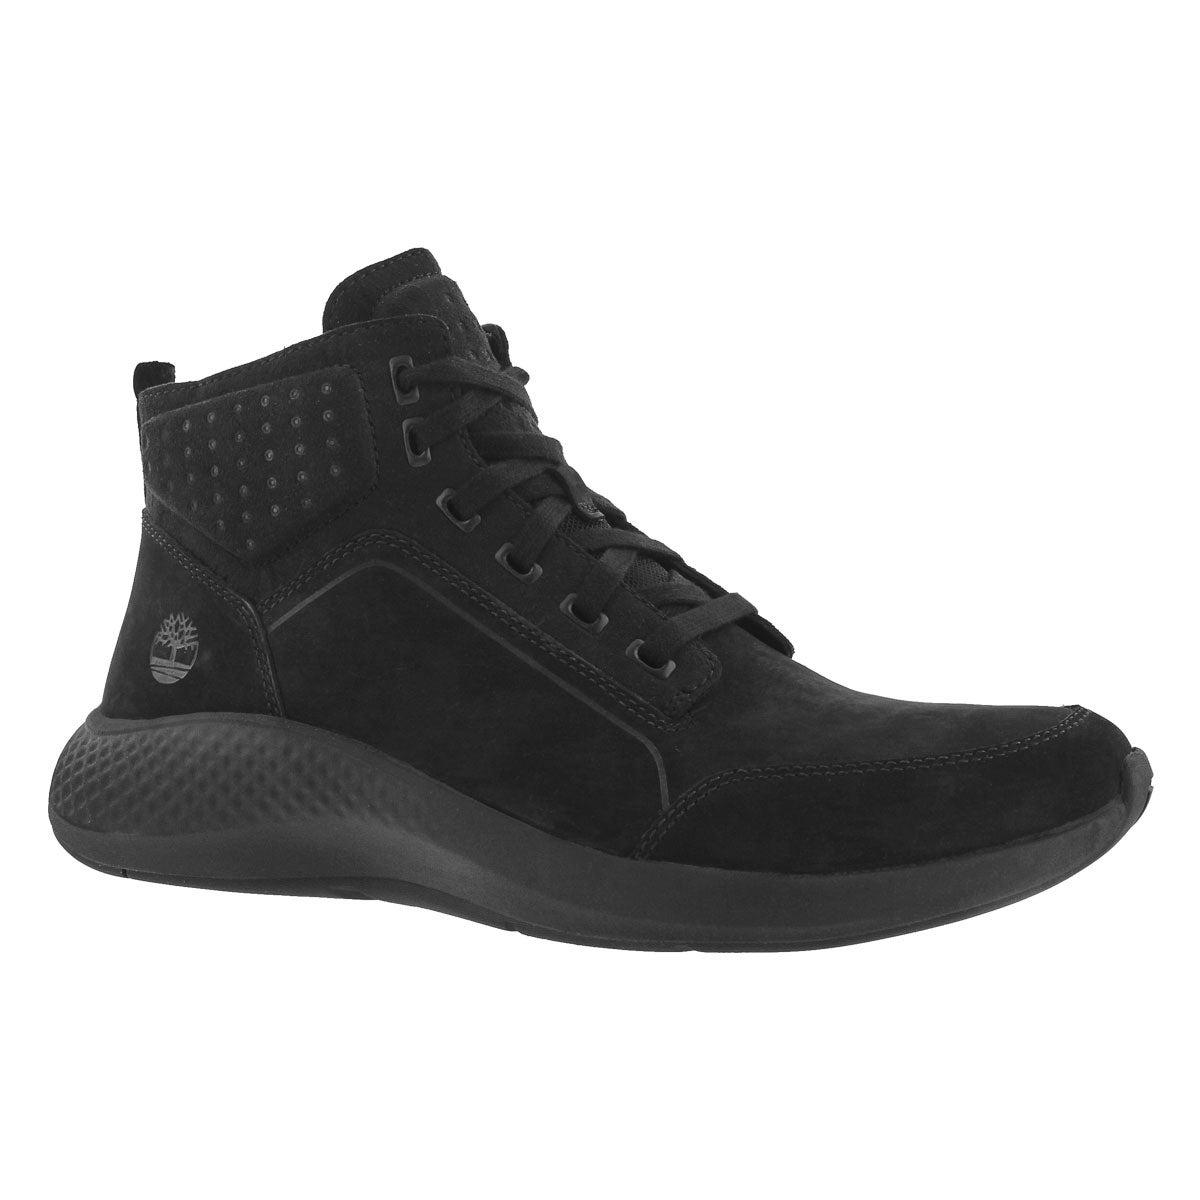 Men's FLY ROAM GO black chukka boots